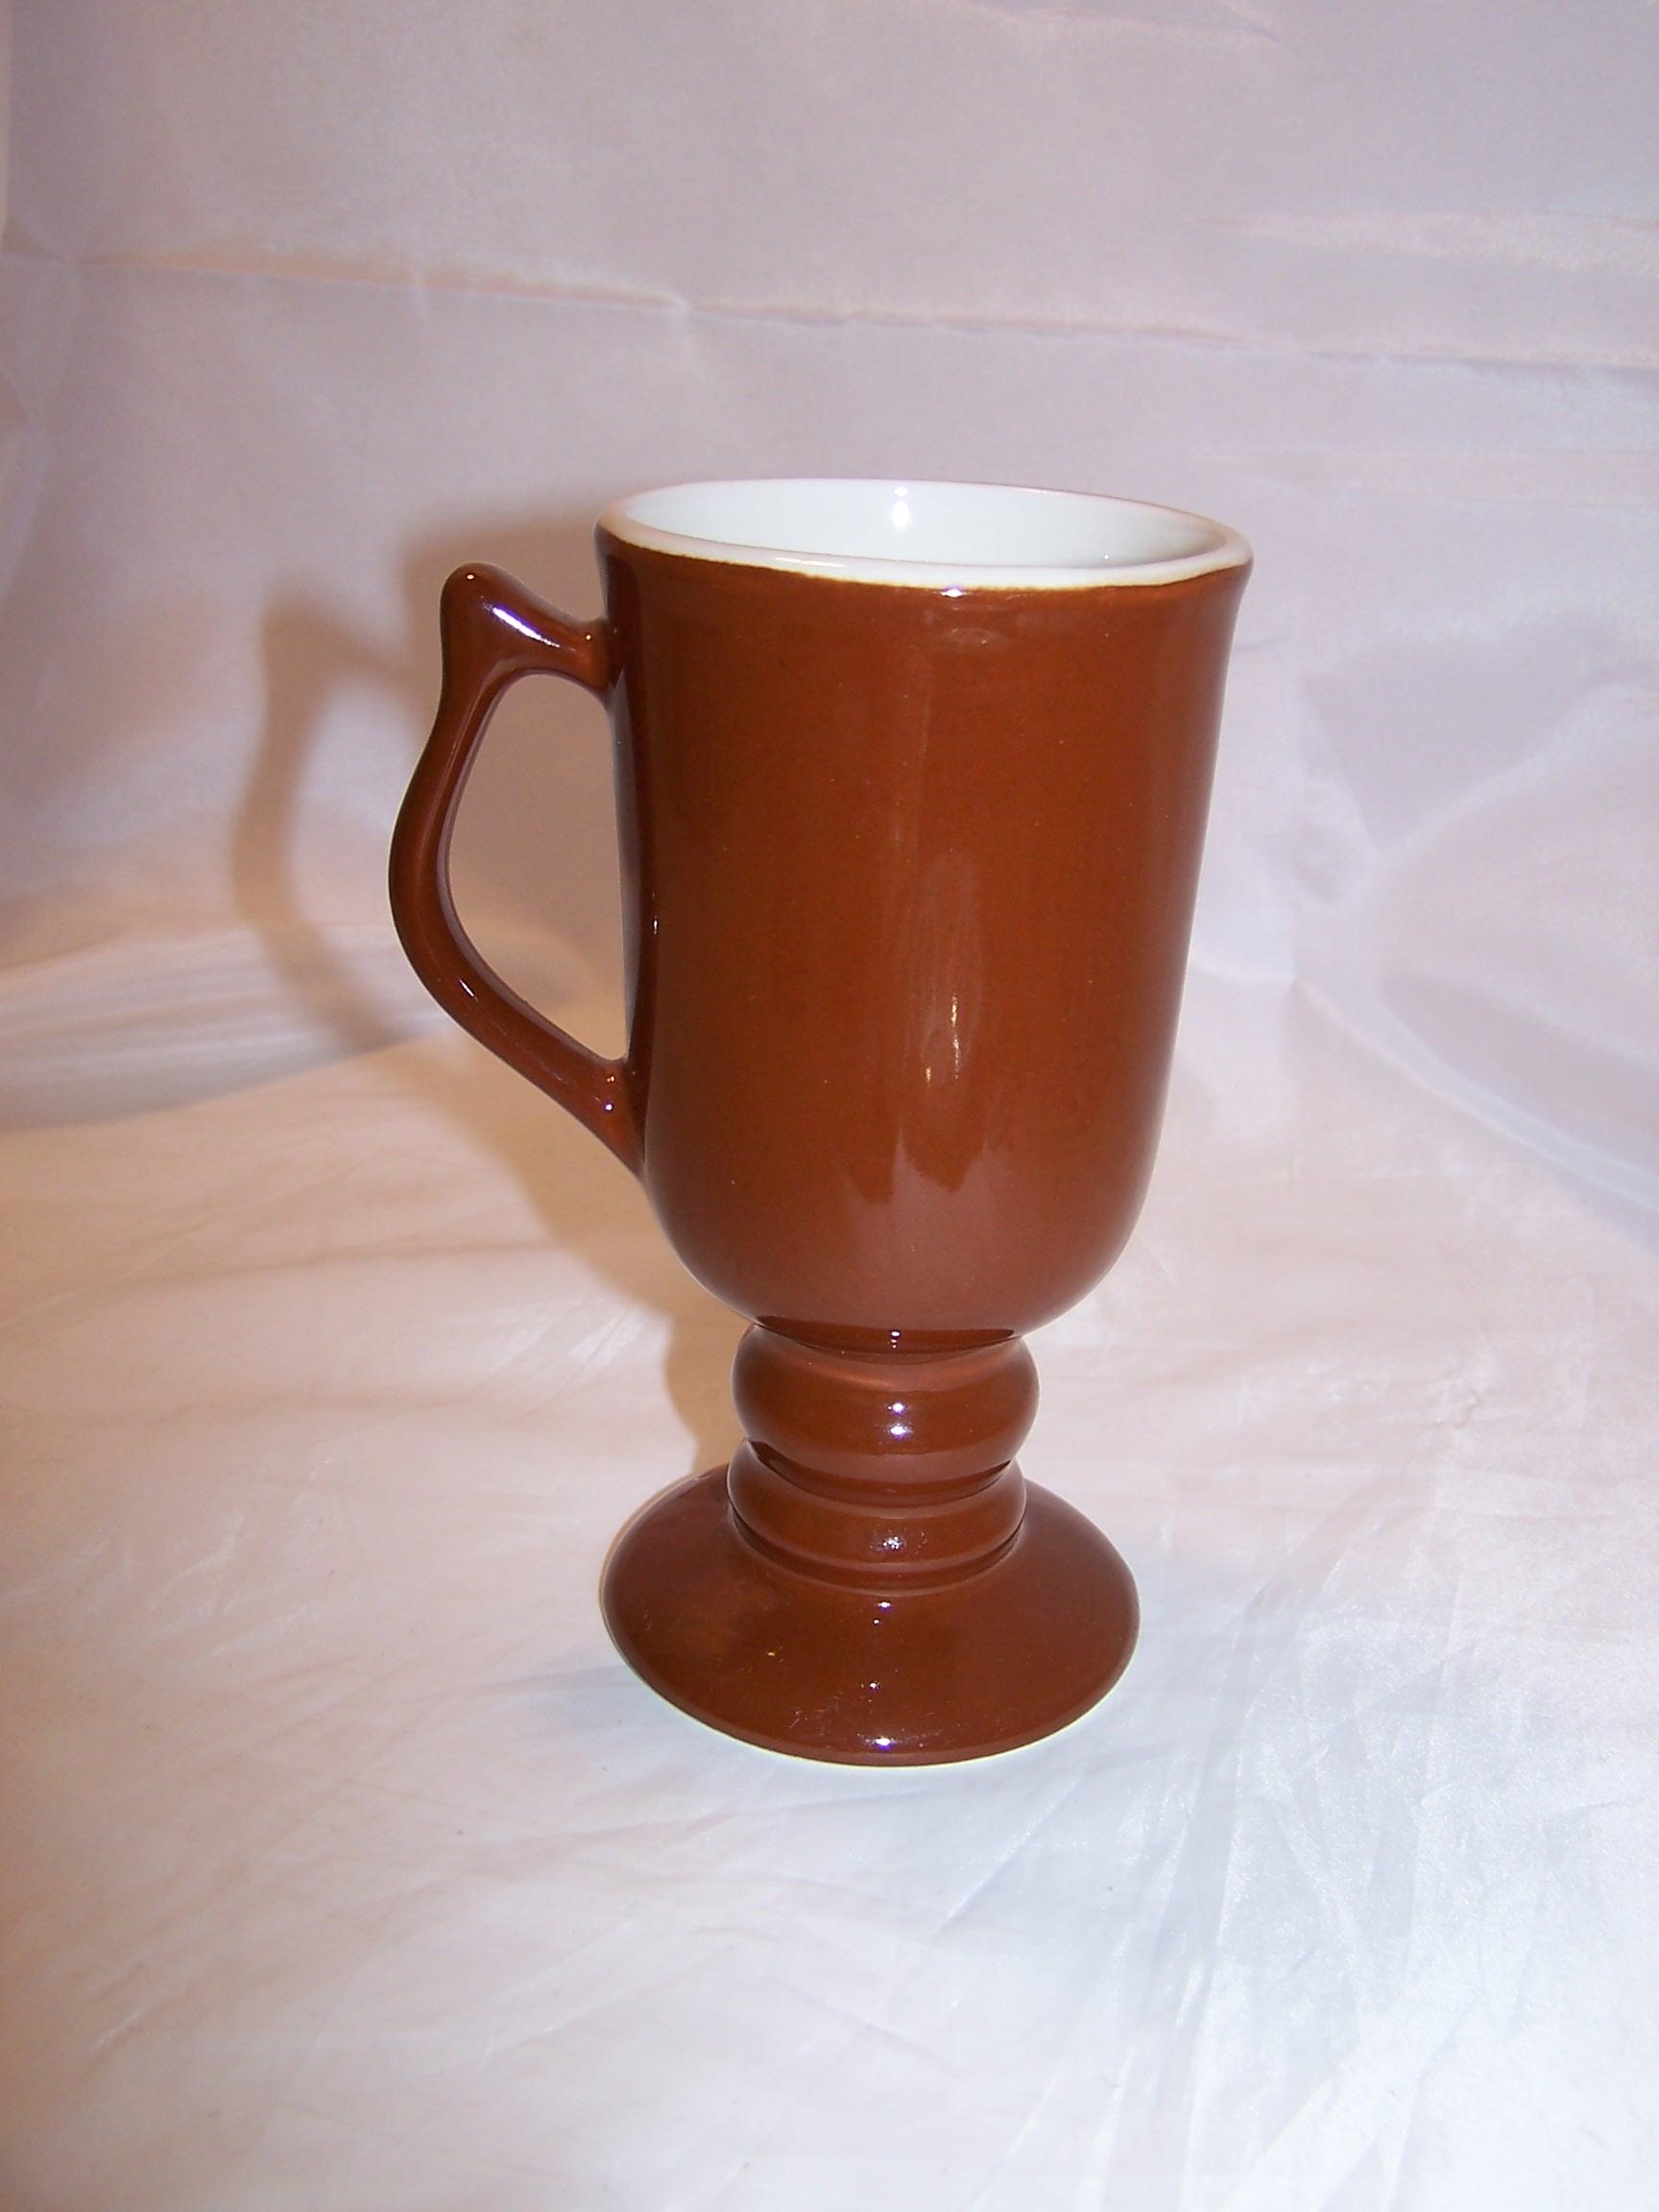 Image 2 of Carl Stokes Mug, Cleveland, The Pewter Mug